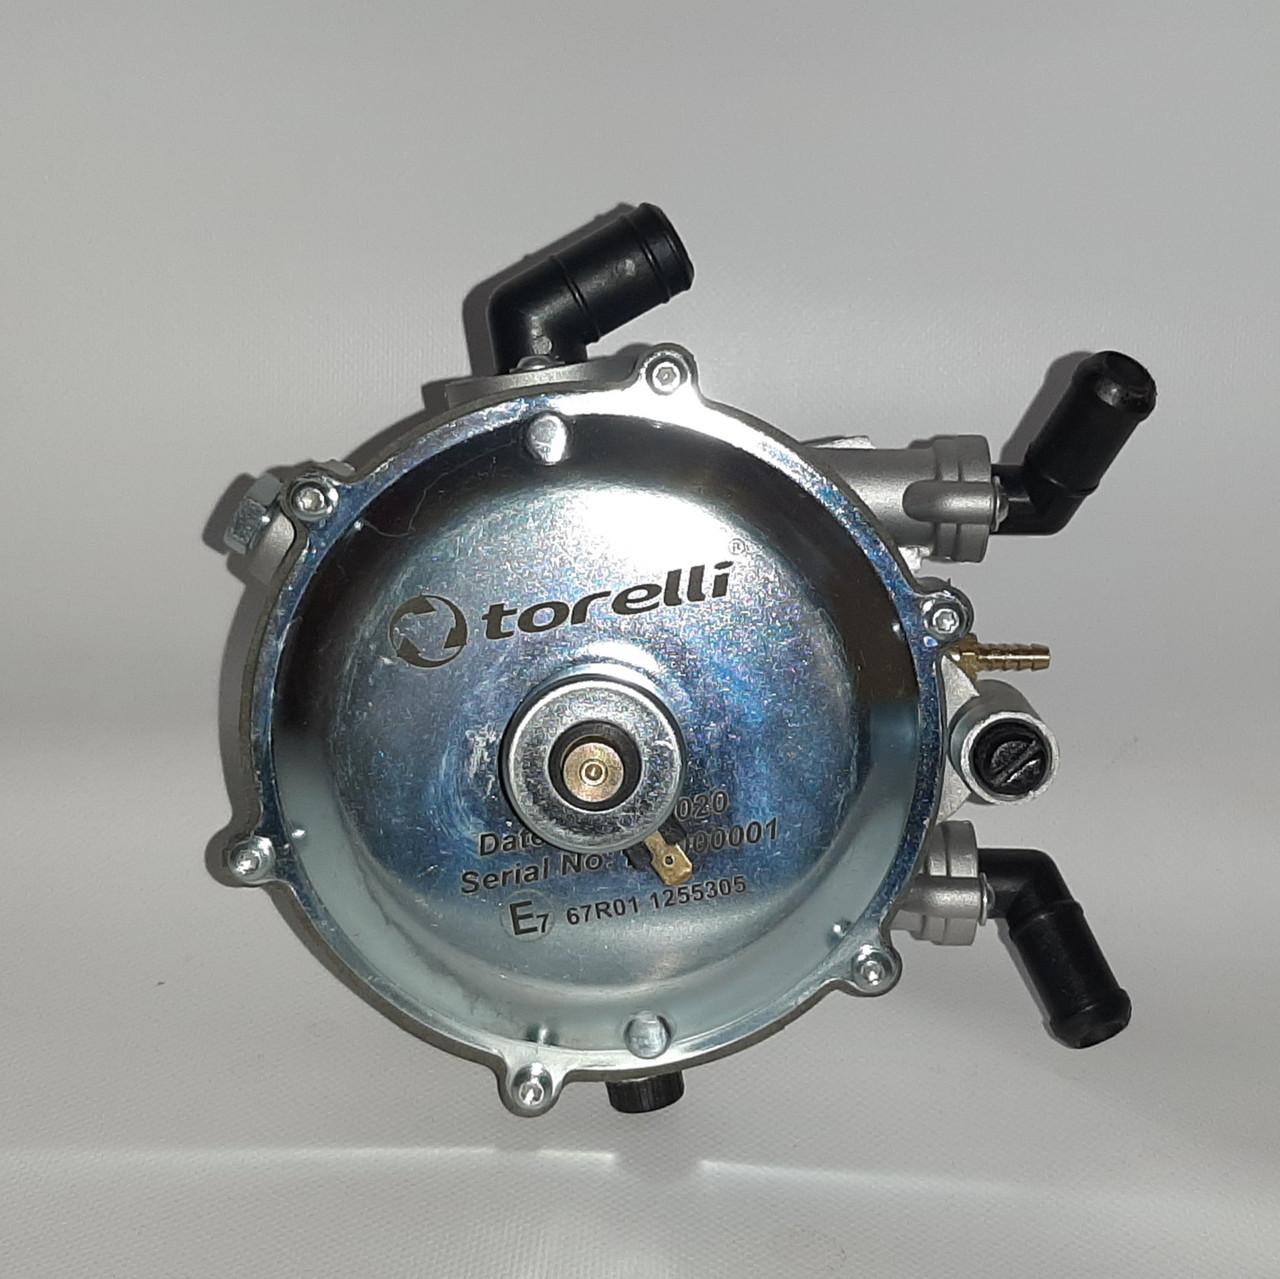 Вакуумний газовий редуктор Torelli